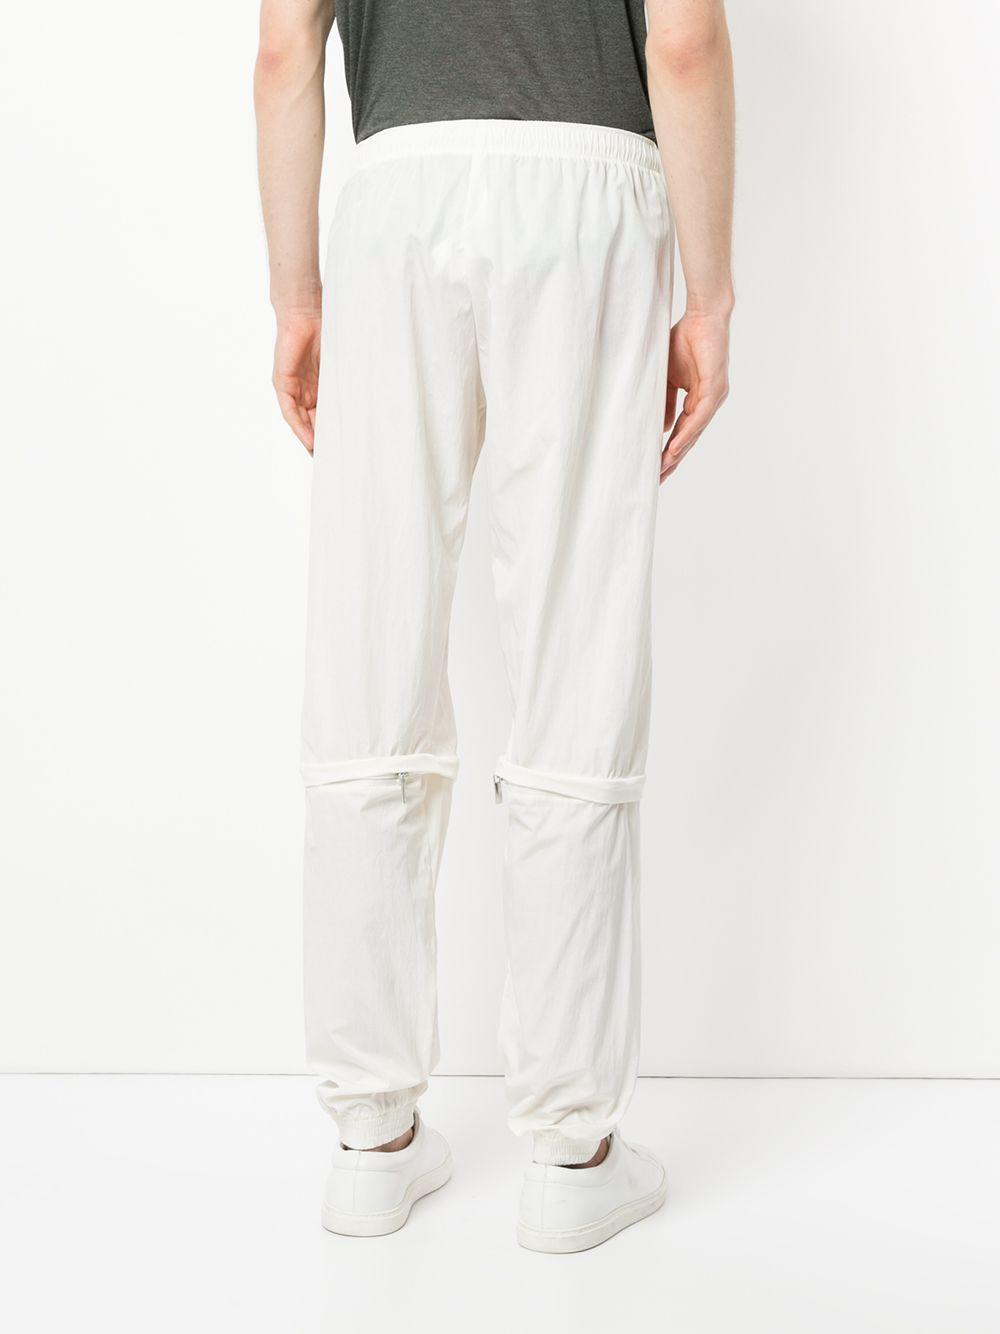 Cottweiler | спортивные штаны с молниями под коленями | Clouty